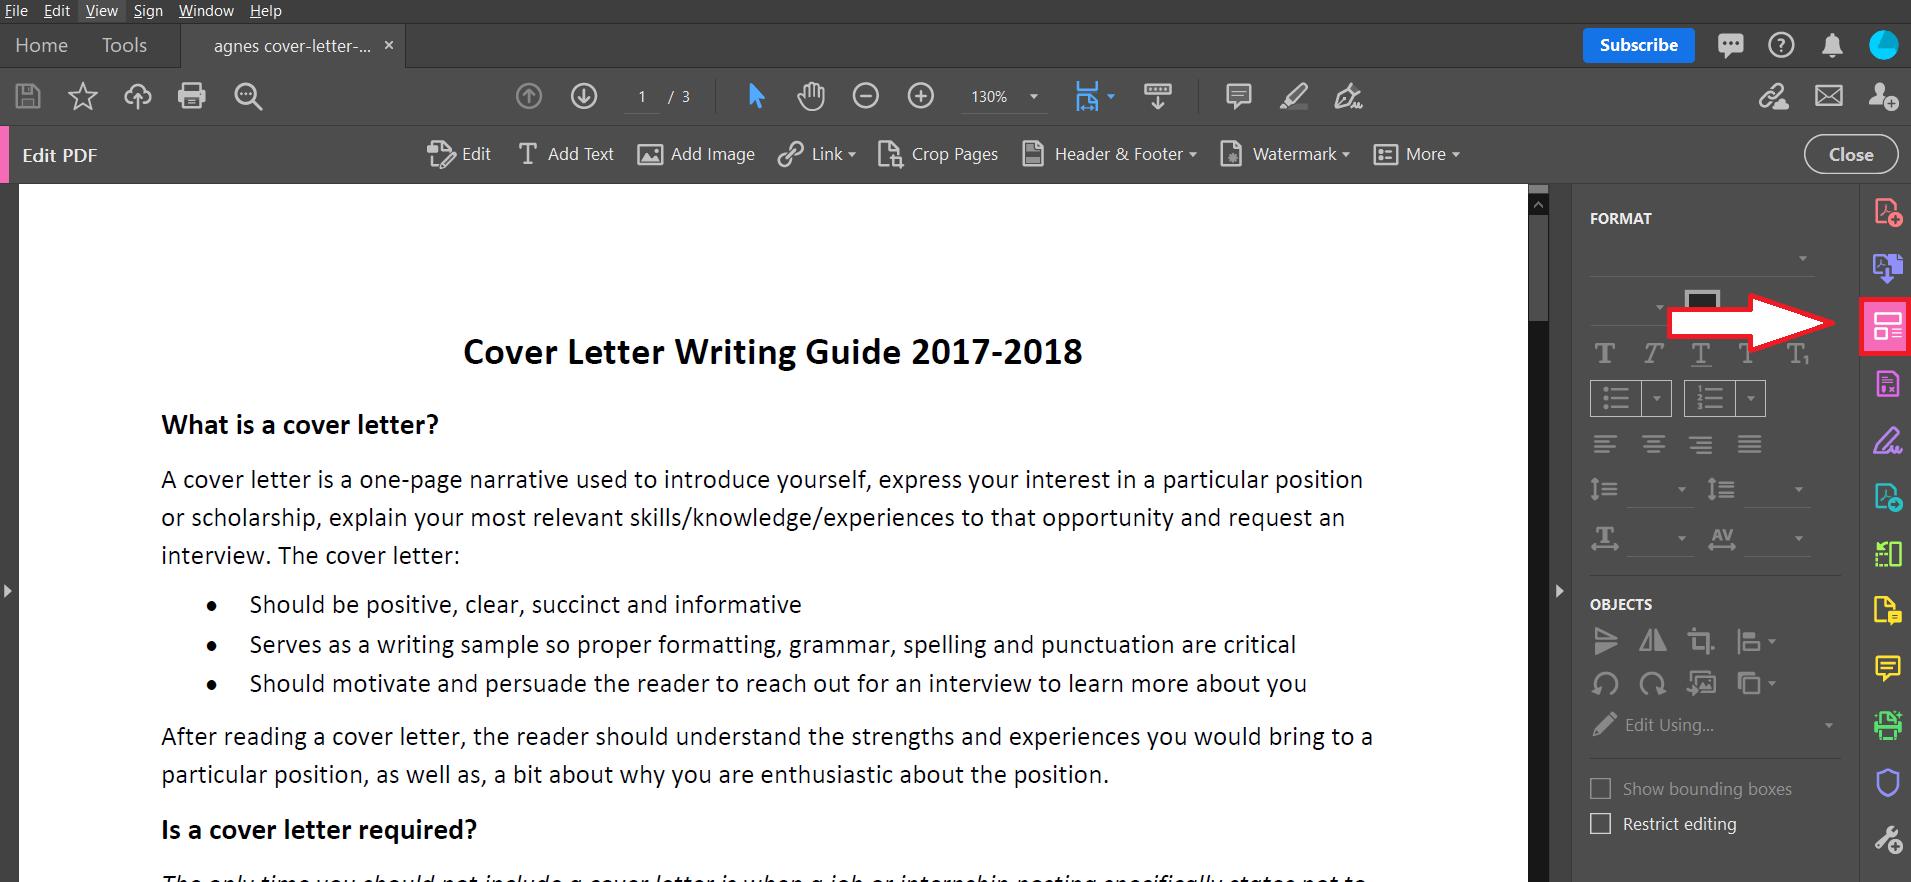 Edit PDF tool